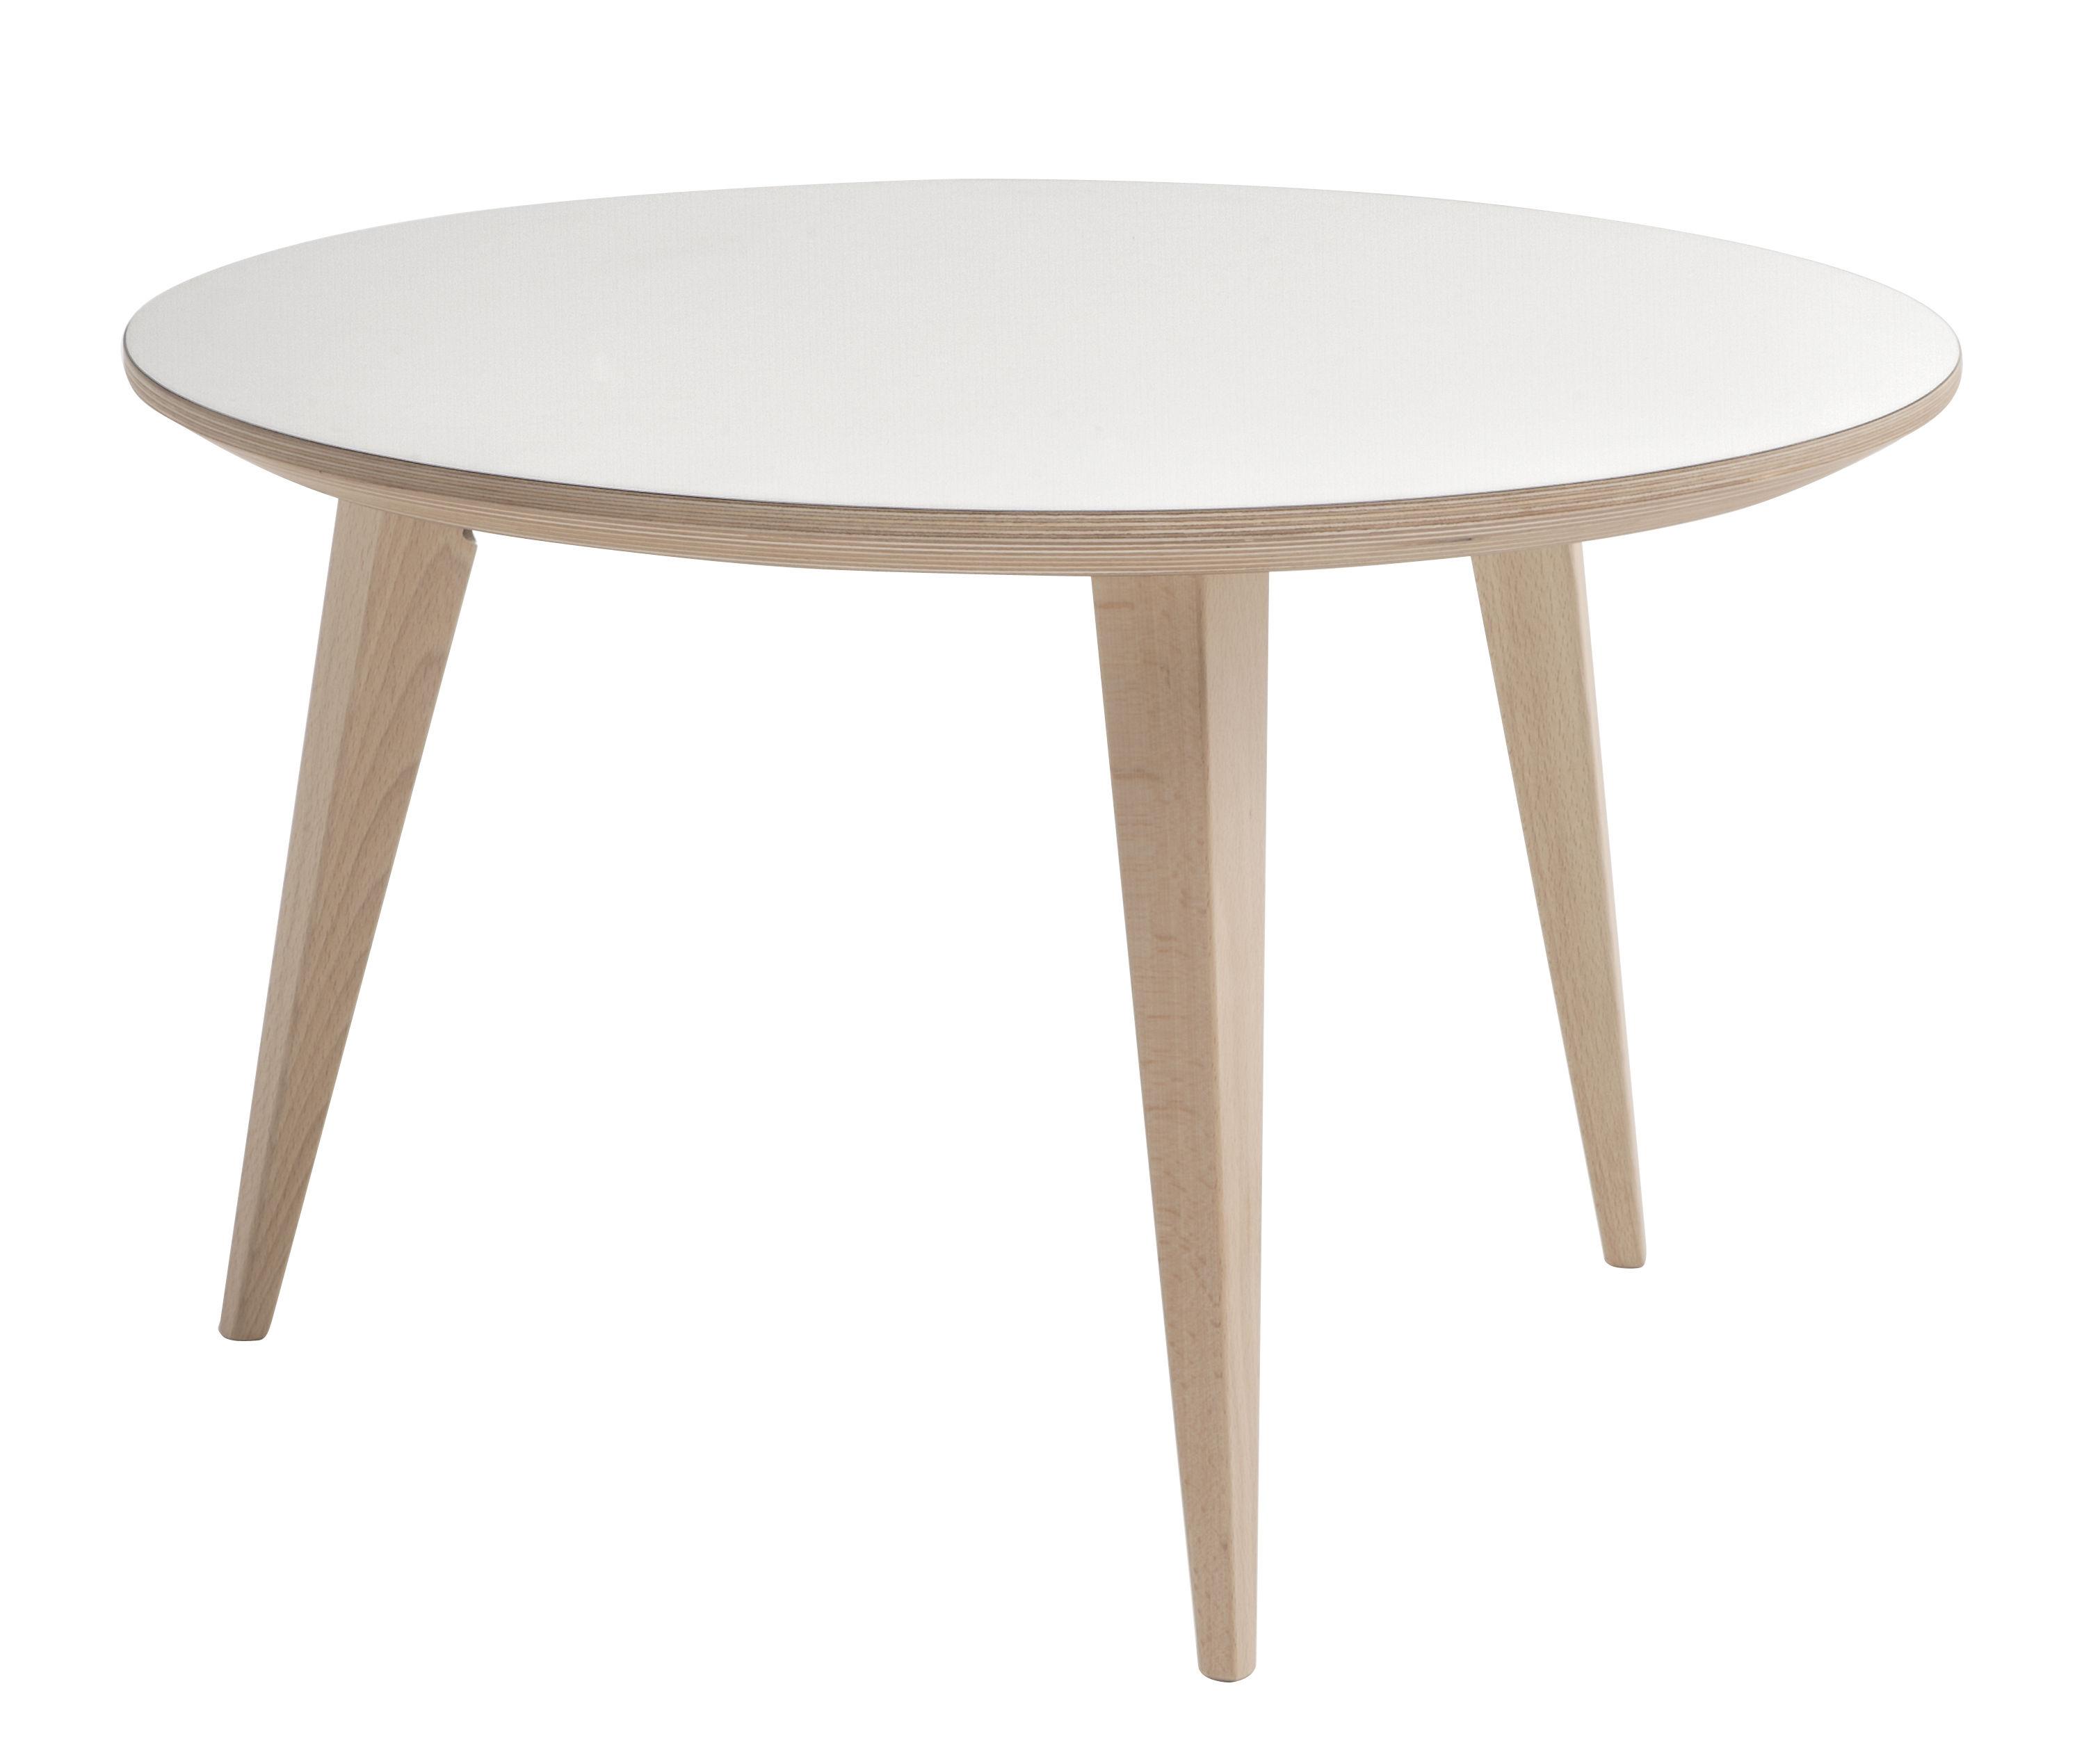 Table Basse Bob Ondarreta Blanc Pieds Bois H 45 X O 70 Made